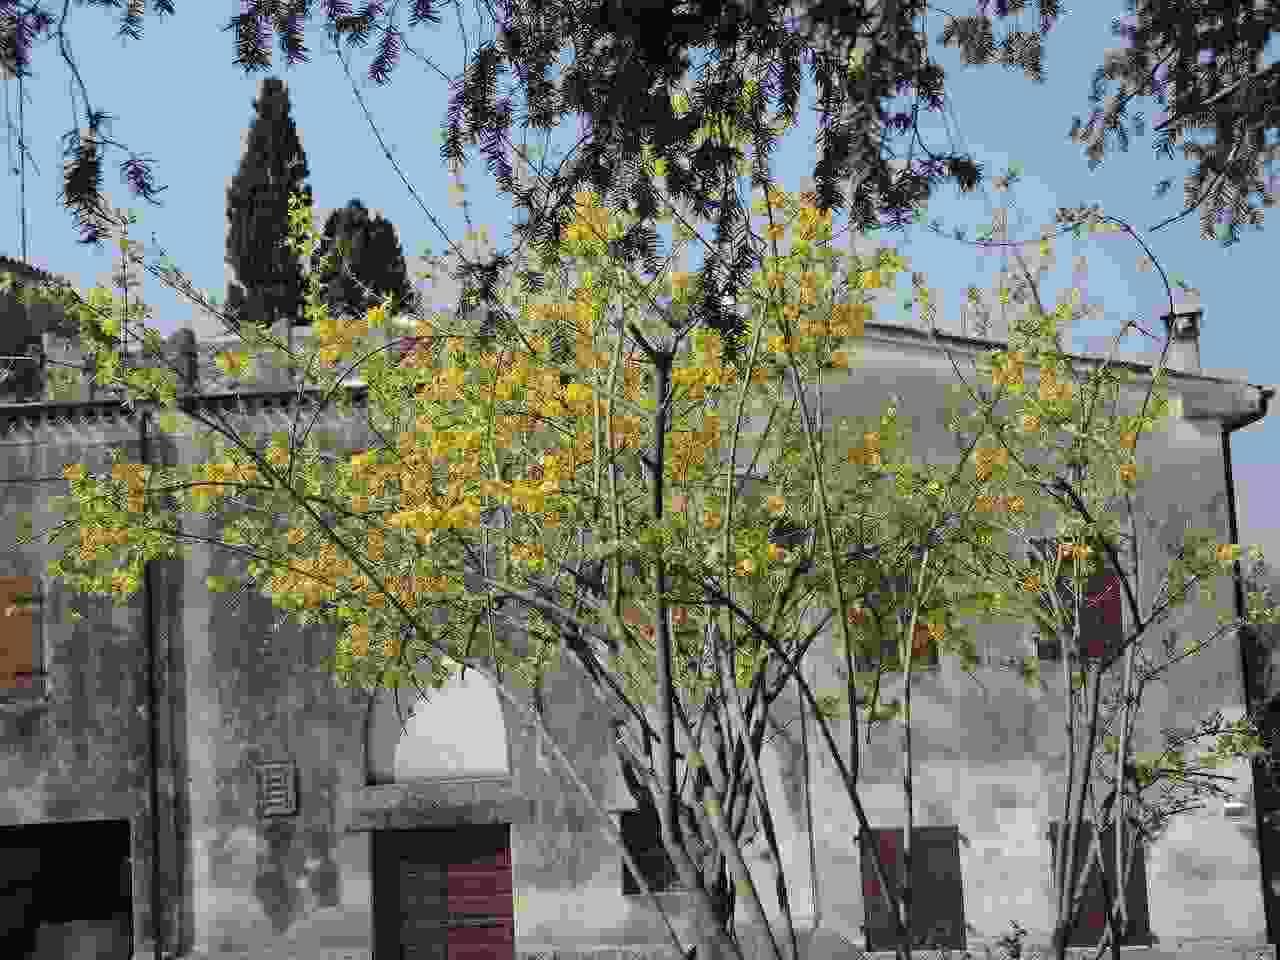 Alloggio - Turistico allo Stemma Reale